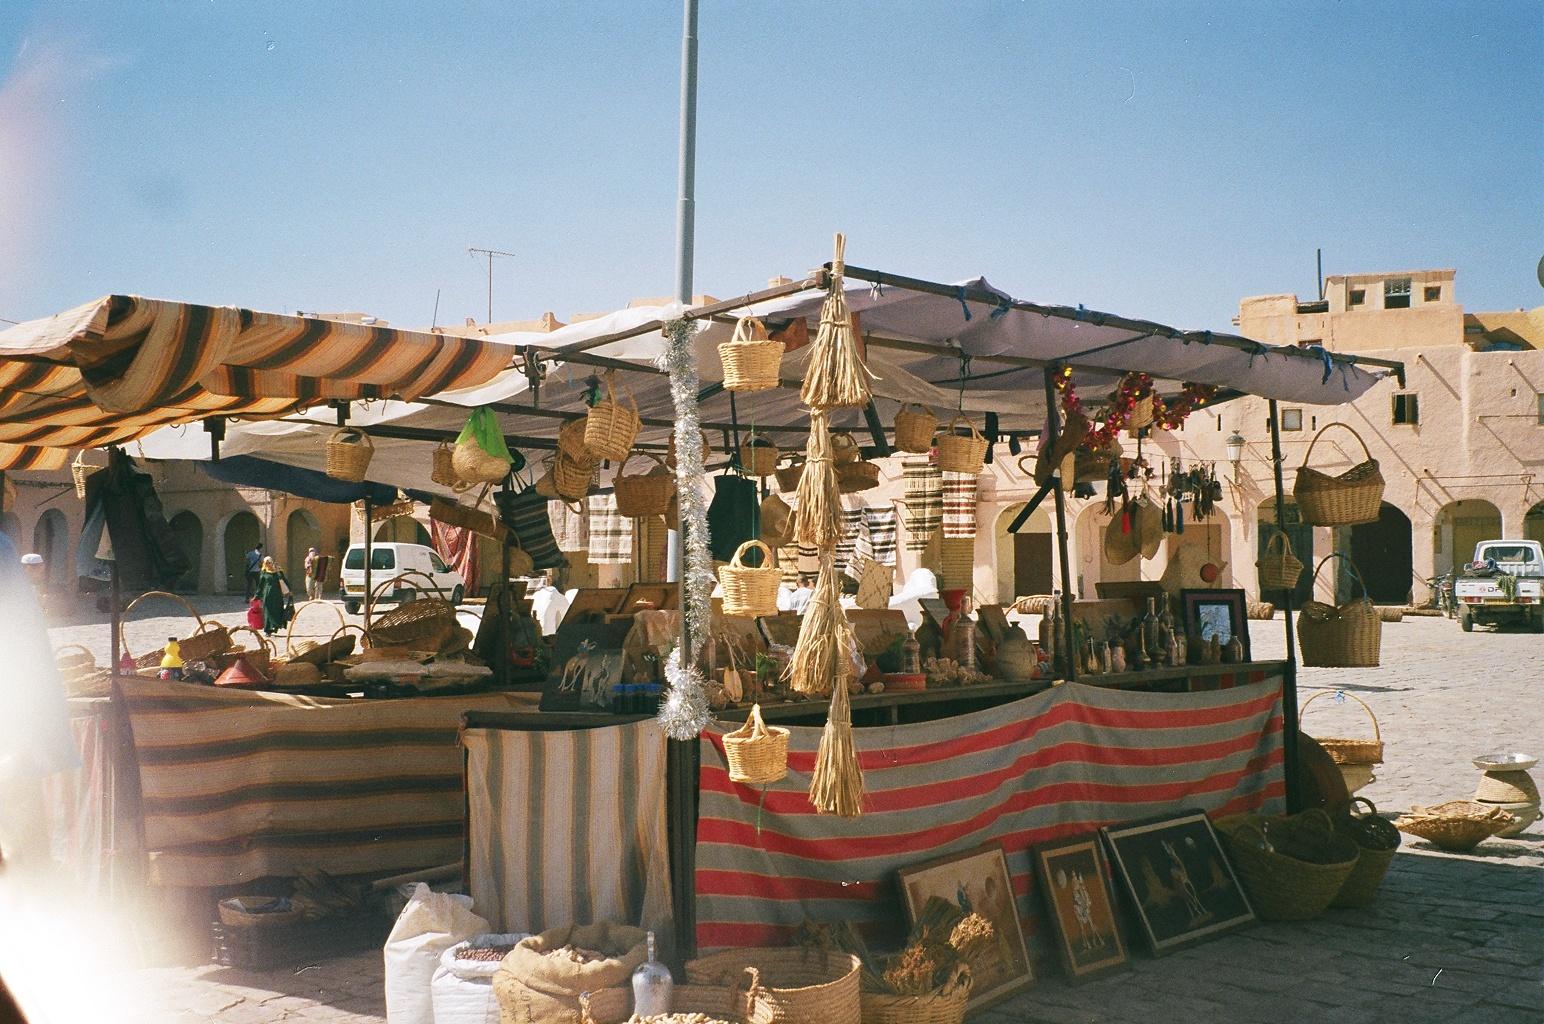 Targ Ghardaia